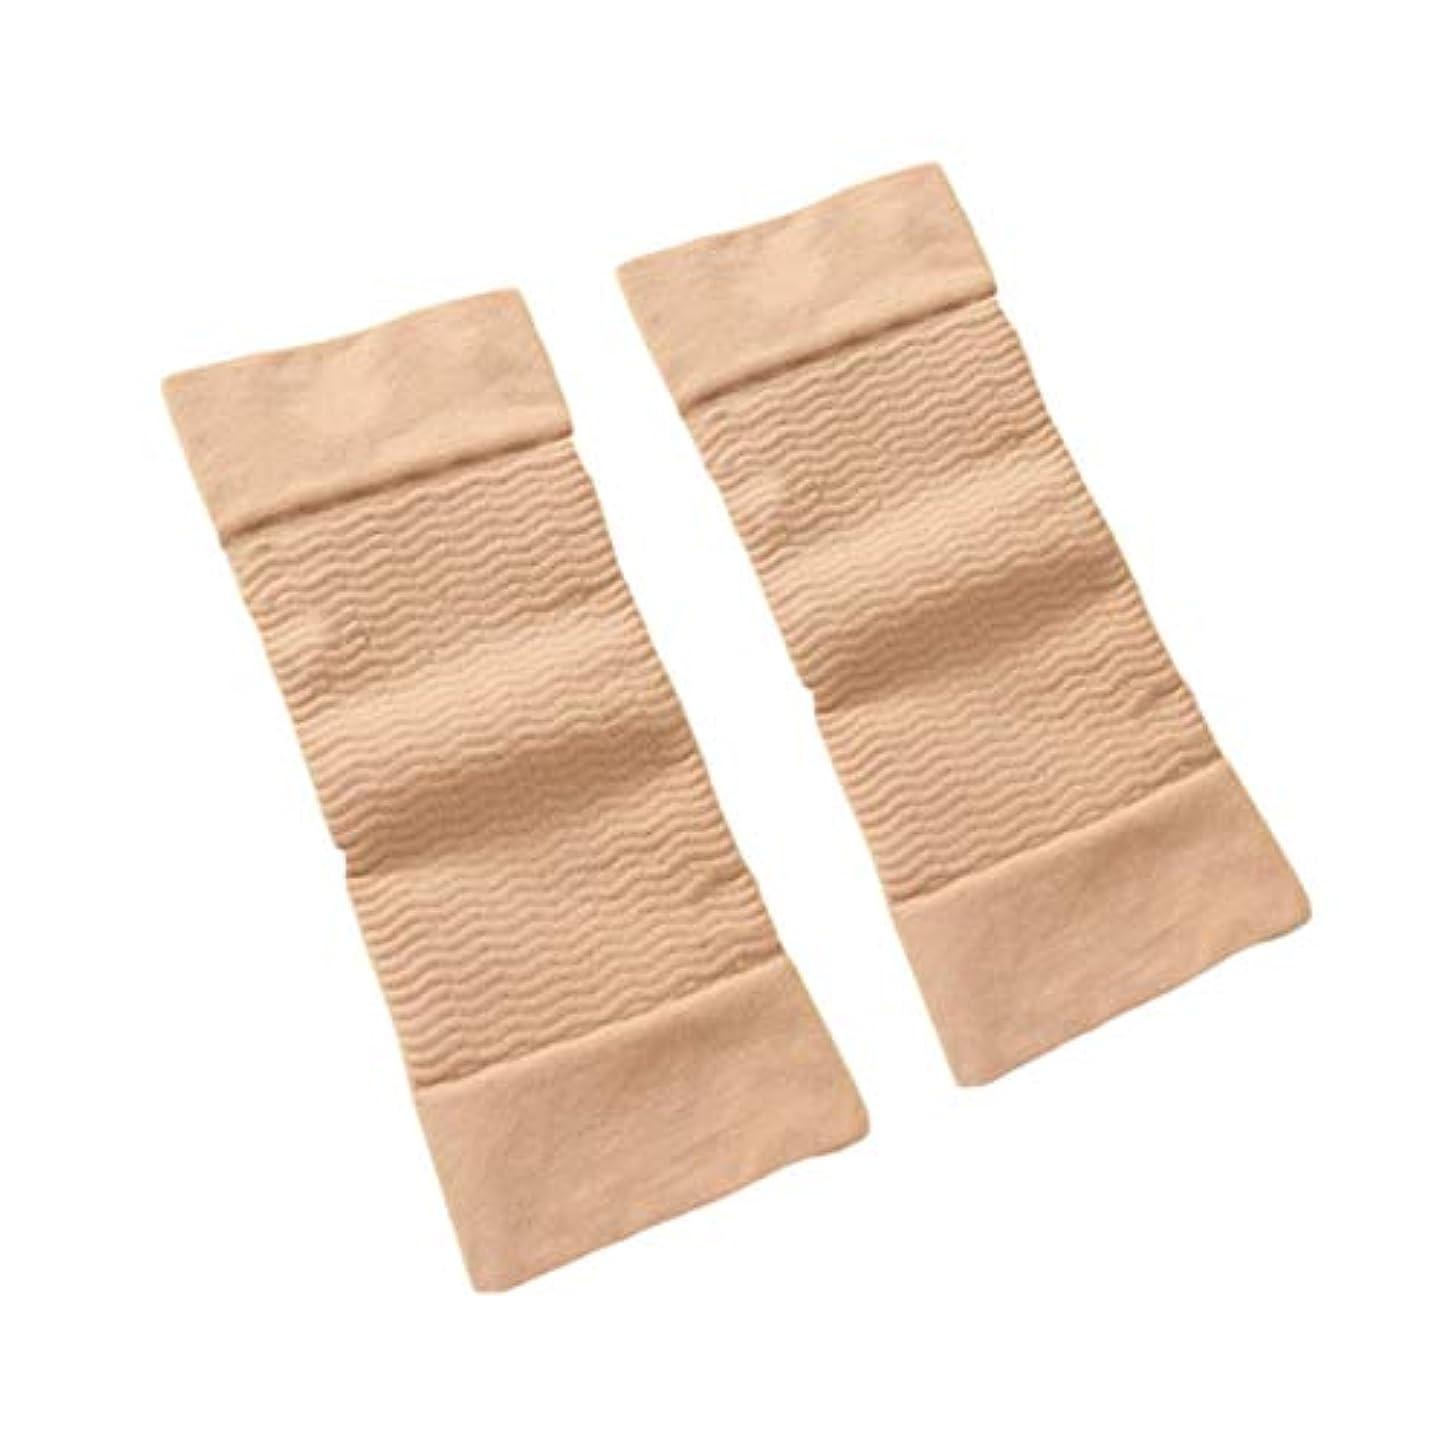 静かにパンサスペンド1ペア420 D圧縮痩身アームスリーブワークアウトトーニングバーンセルライトシェイパー脂肪燃焼袖用女性 - 肌色